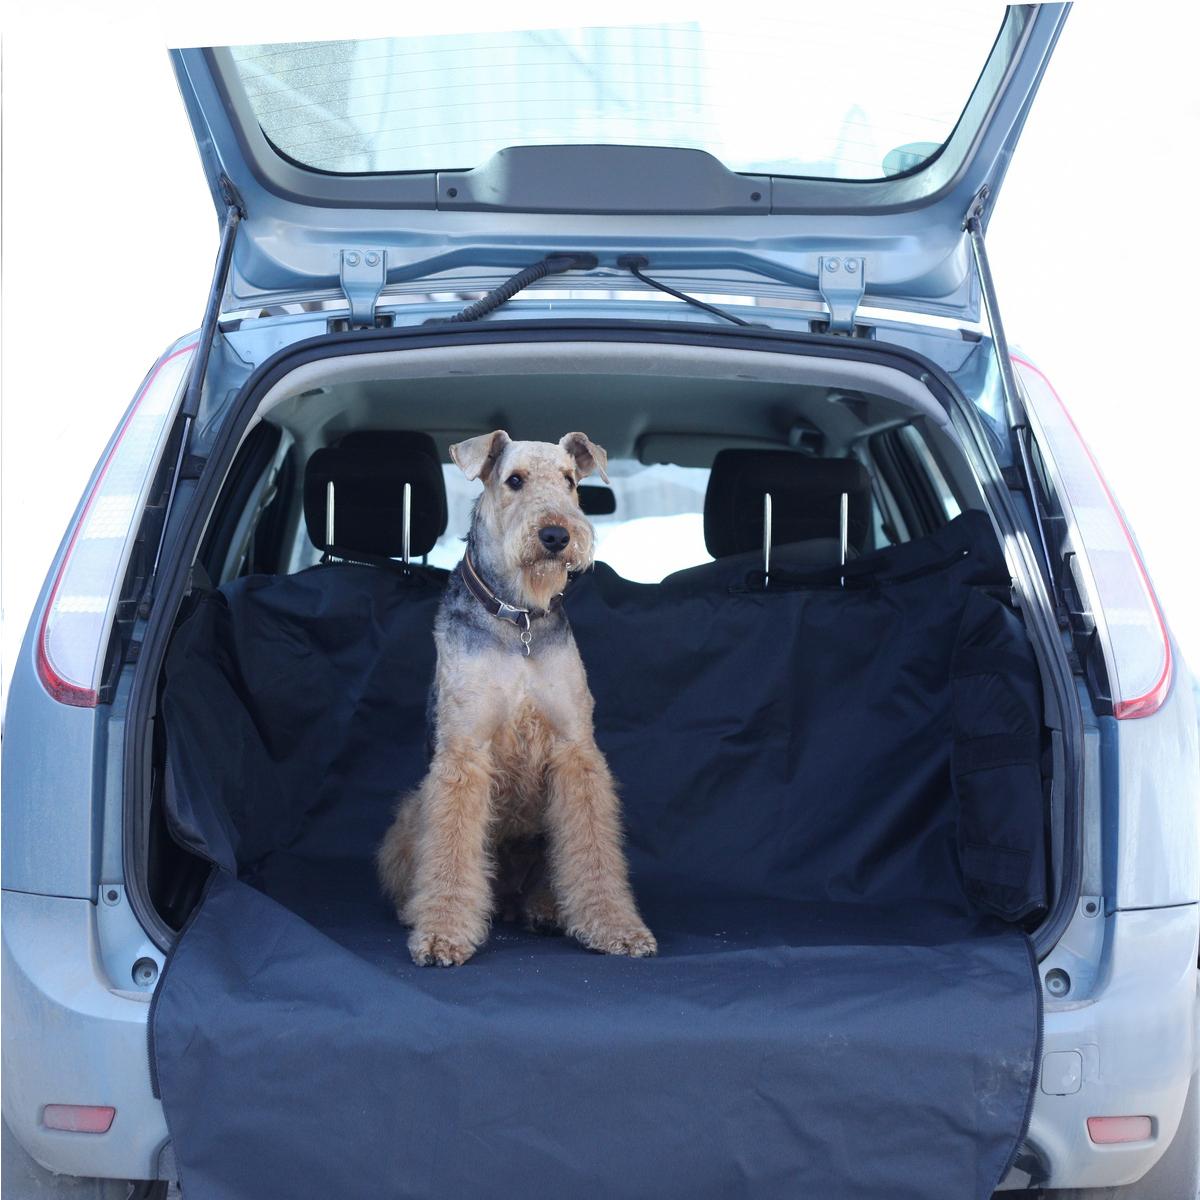 Автогамак для собак OSSO Fashion Car Premium, в багажникГ-1007Размеры автогамака OSSO Car Premium для перевозки собак с защитой обивки в багажник: ширина дна - 120 см, общая длина автогамака - 210 см, высота бортов со стороны спинок сидений - 55 см, высота бортов со стороны двери багажника - 40 см. Автогамак OSSO Car Premium для перевозки собак с защитой обивки в багажник незаменим при транспортировке животного на прогулку, для поездок в ветклинику, на выставку, охоту, рыбалку и дачу. Чистка автогамака OSSO Car Premium: песок и засохшую грязь удалите с помощью щетки, затем протрите гамак влажной губкой или тряпкой. Практичный чехол позволяет компактно хранить автогамак в багажнике автомобиля, не занимает много места. Назначение: автогамак для перевозки собак в багажнике Материал: дублированная, непромокаемая и морозоустойчивая ткань, с подкладкой Модели: для всех марок машин (универсалы, джипы, минивэны). Крепление: к подголовникам а/м с помощью молний-автоматов, боковины крепятся с помощью липучек к обивке багажника Цвет: серый